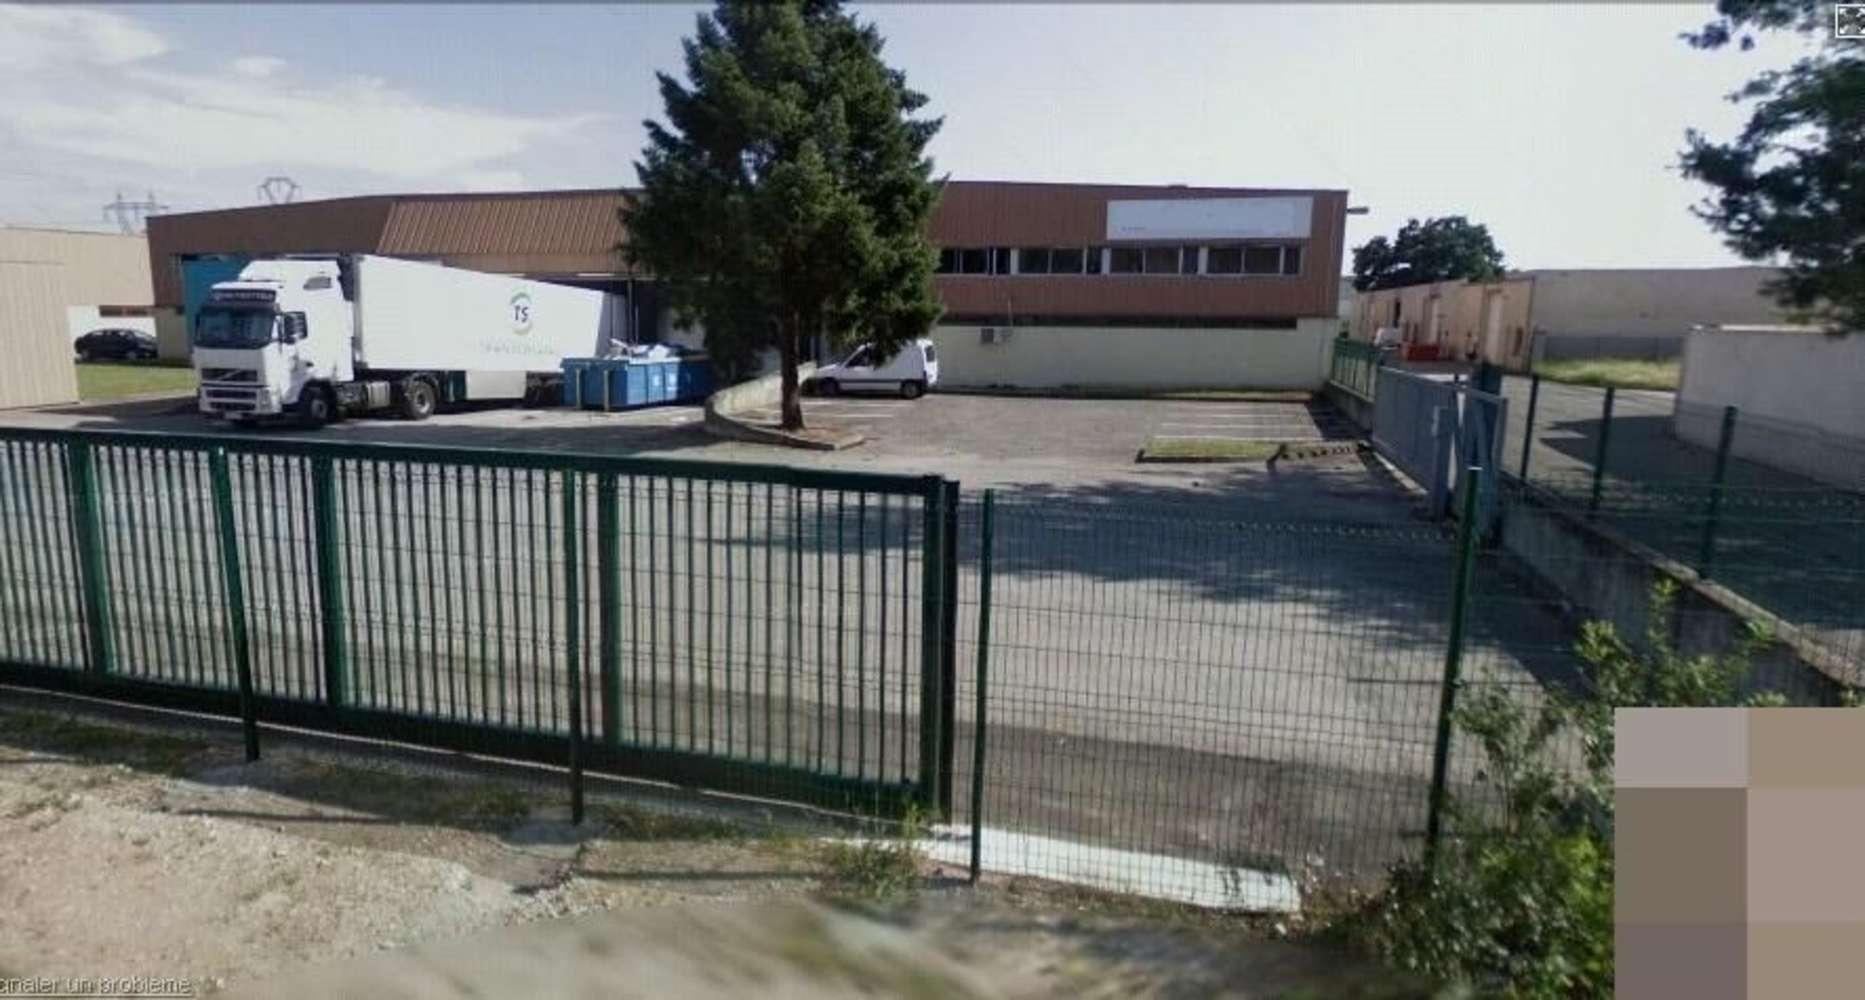 Activités/entrepôt Meyzieu, 69330 - Location entrepot Lyon Est - Meyzieu - 9883315